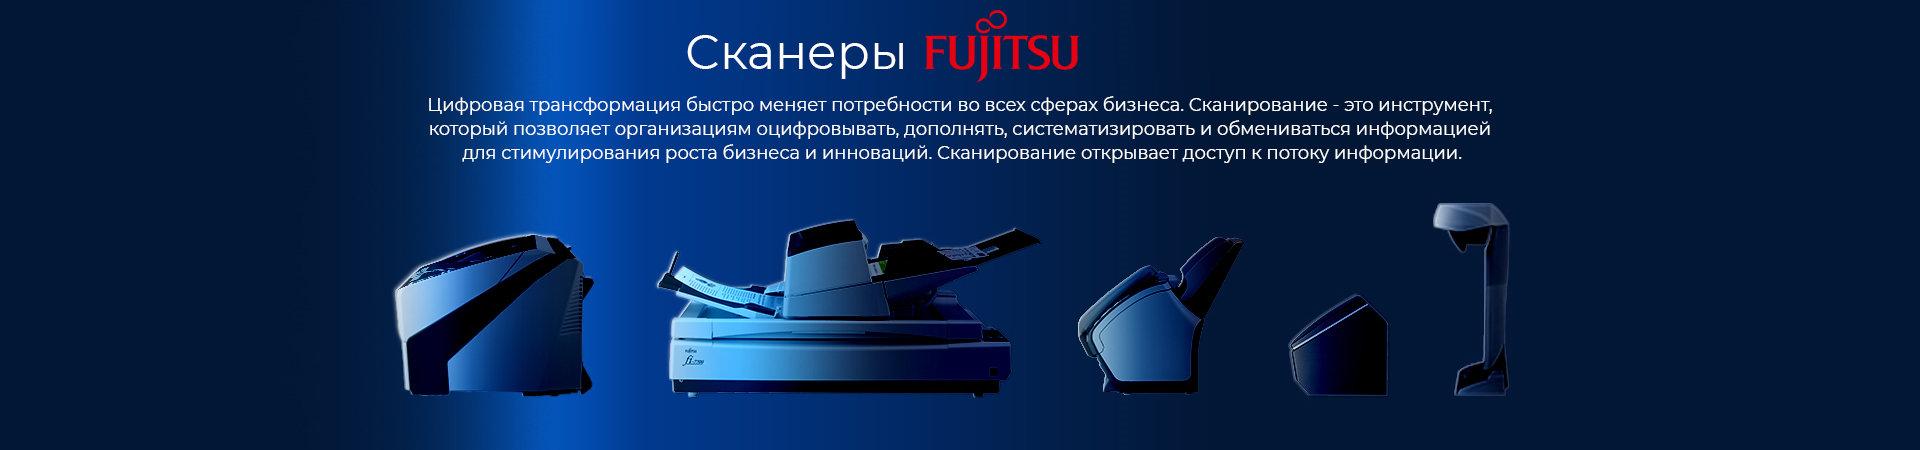 Сканеры-Fujitsu